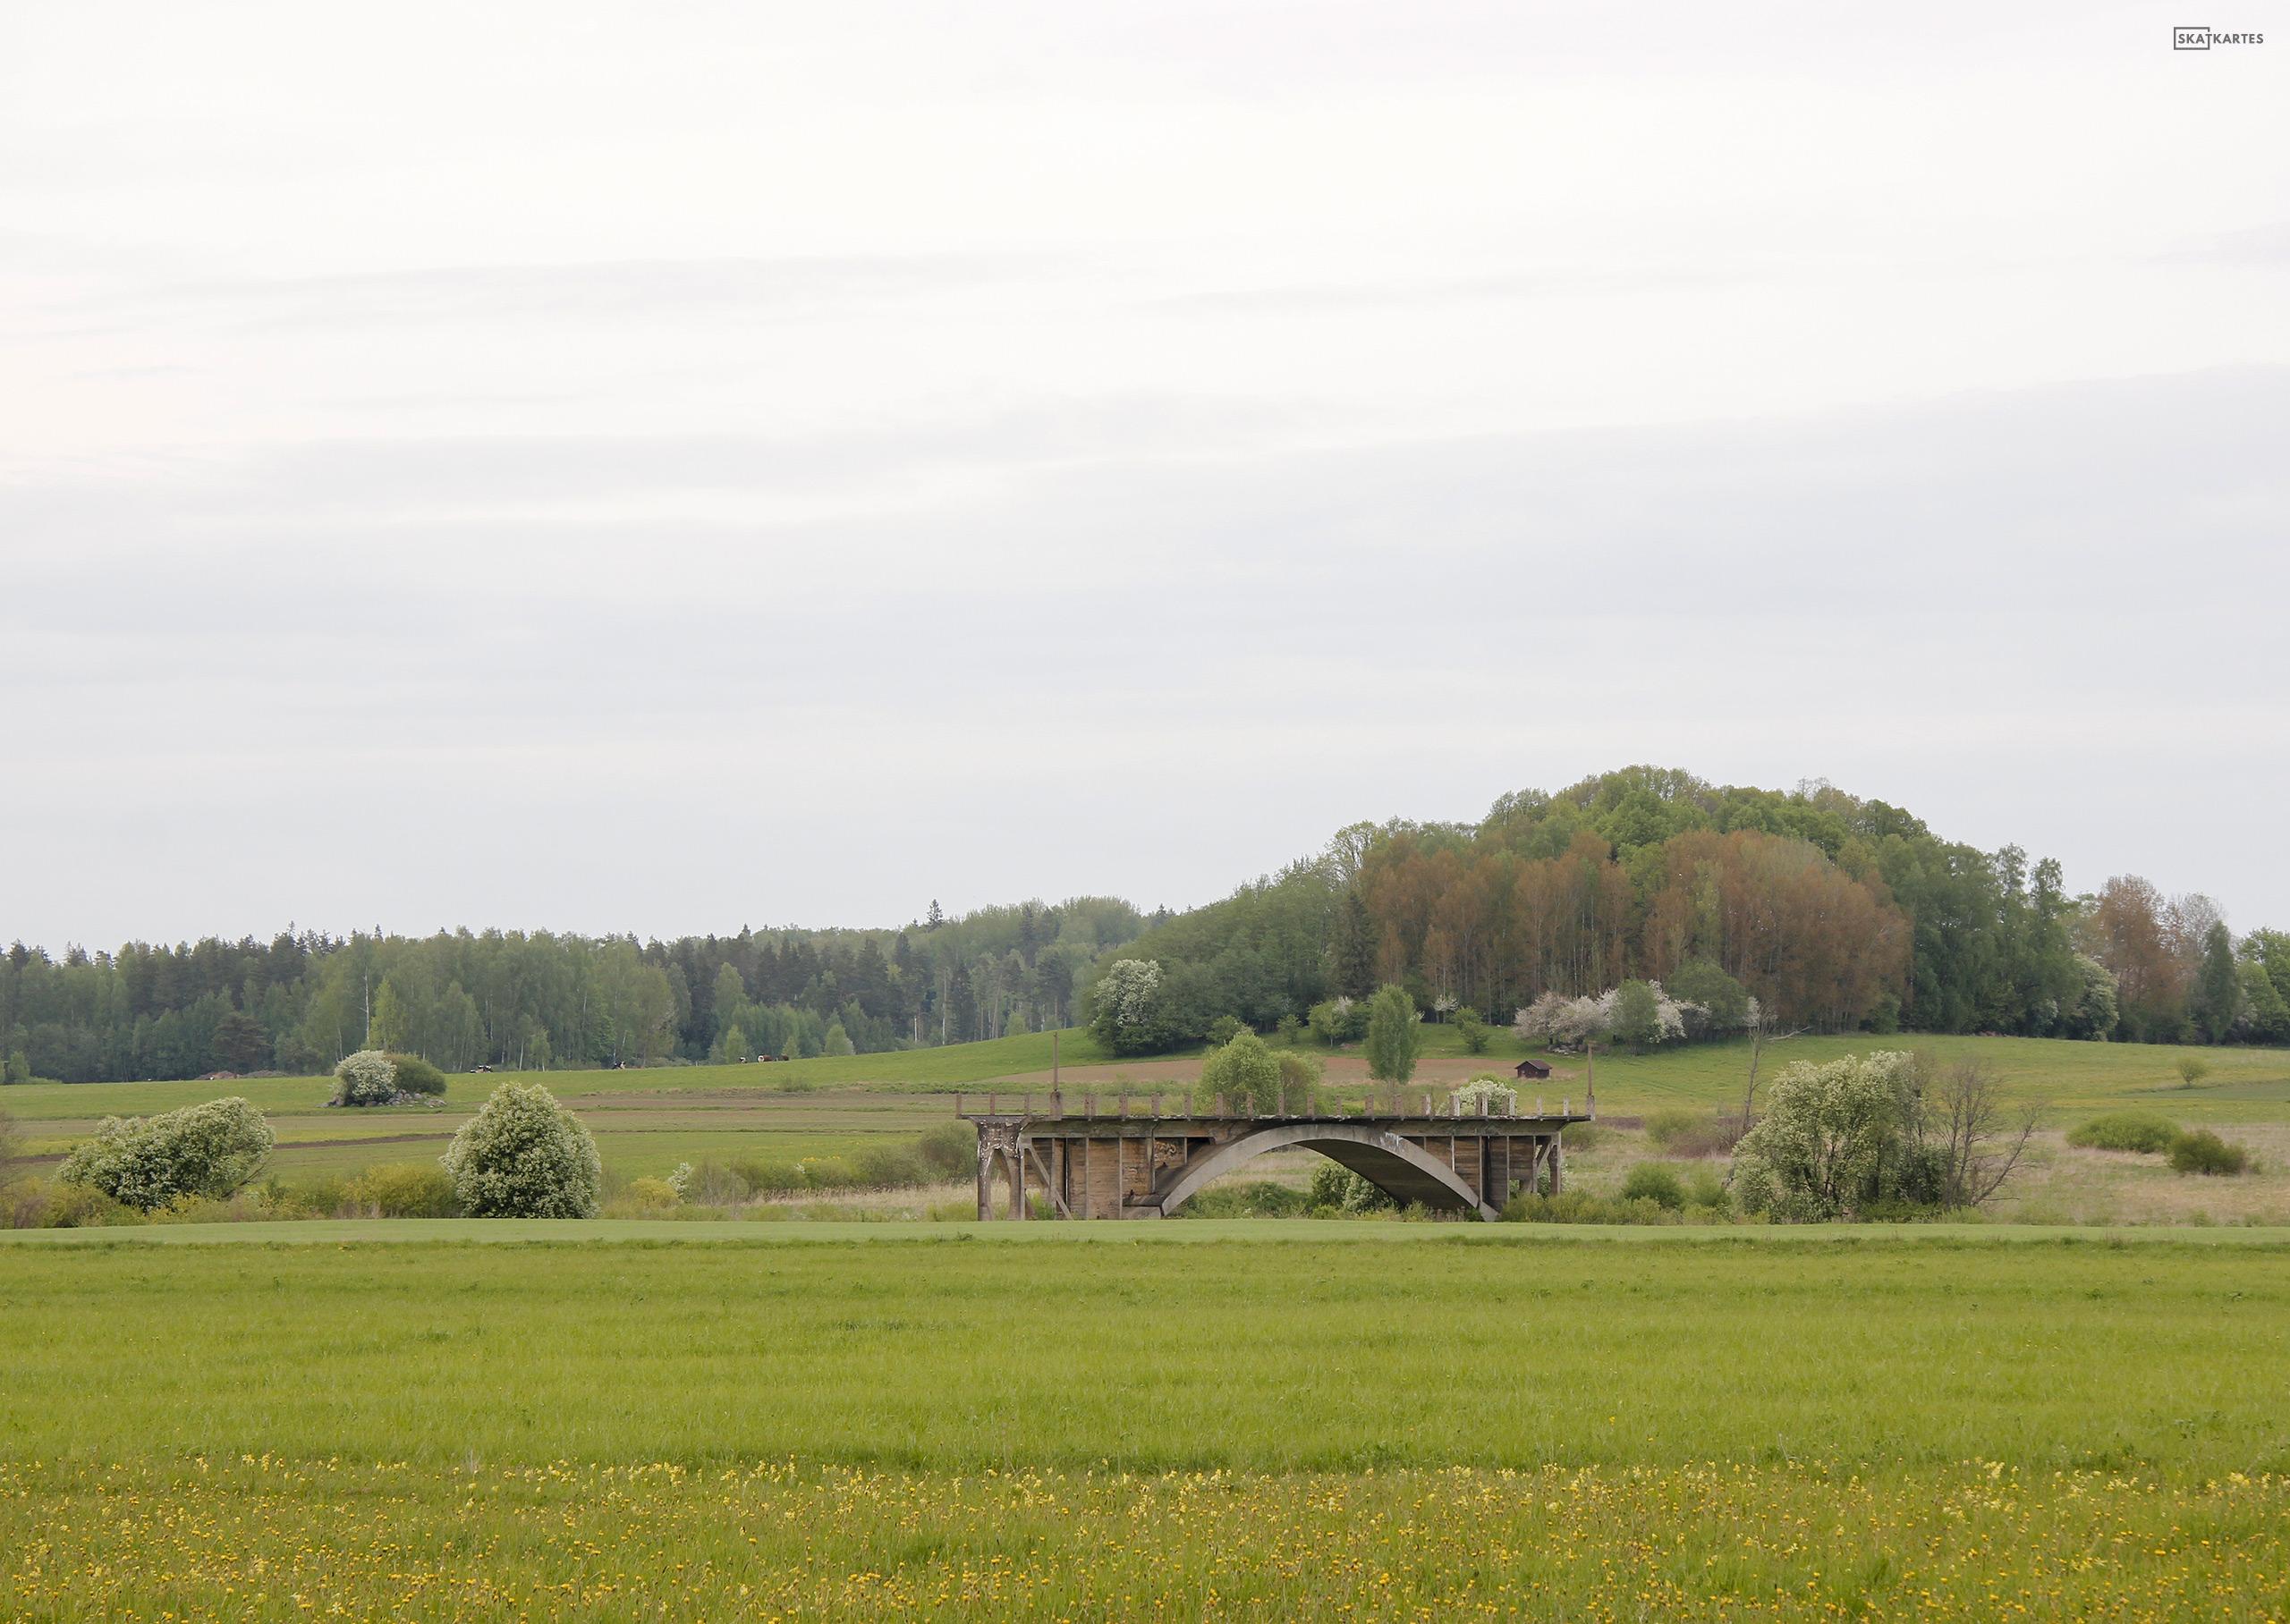 Skatkarte Nr. 1131 - Tilts uz nekurieni (2016. gada pavasaris).